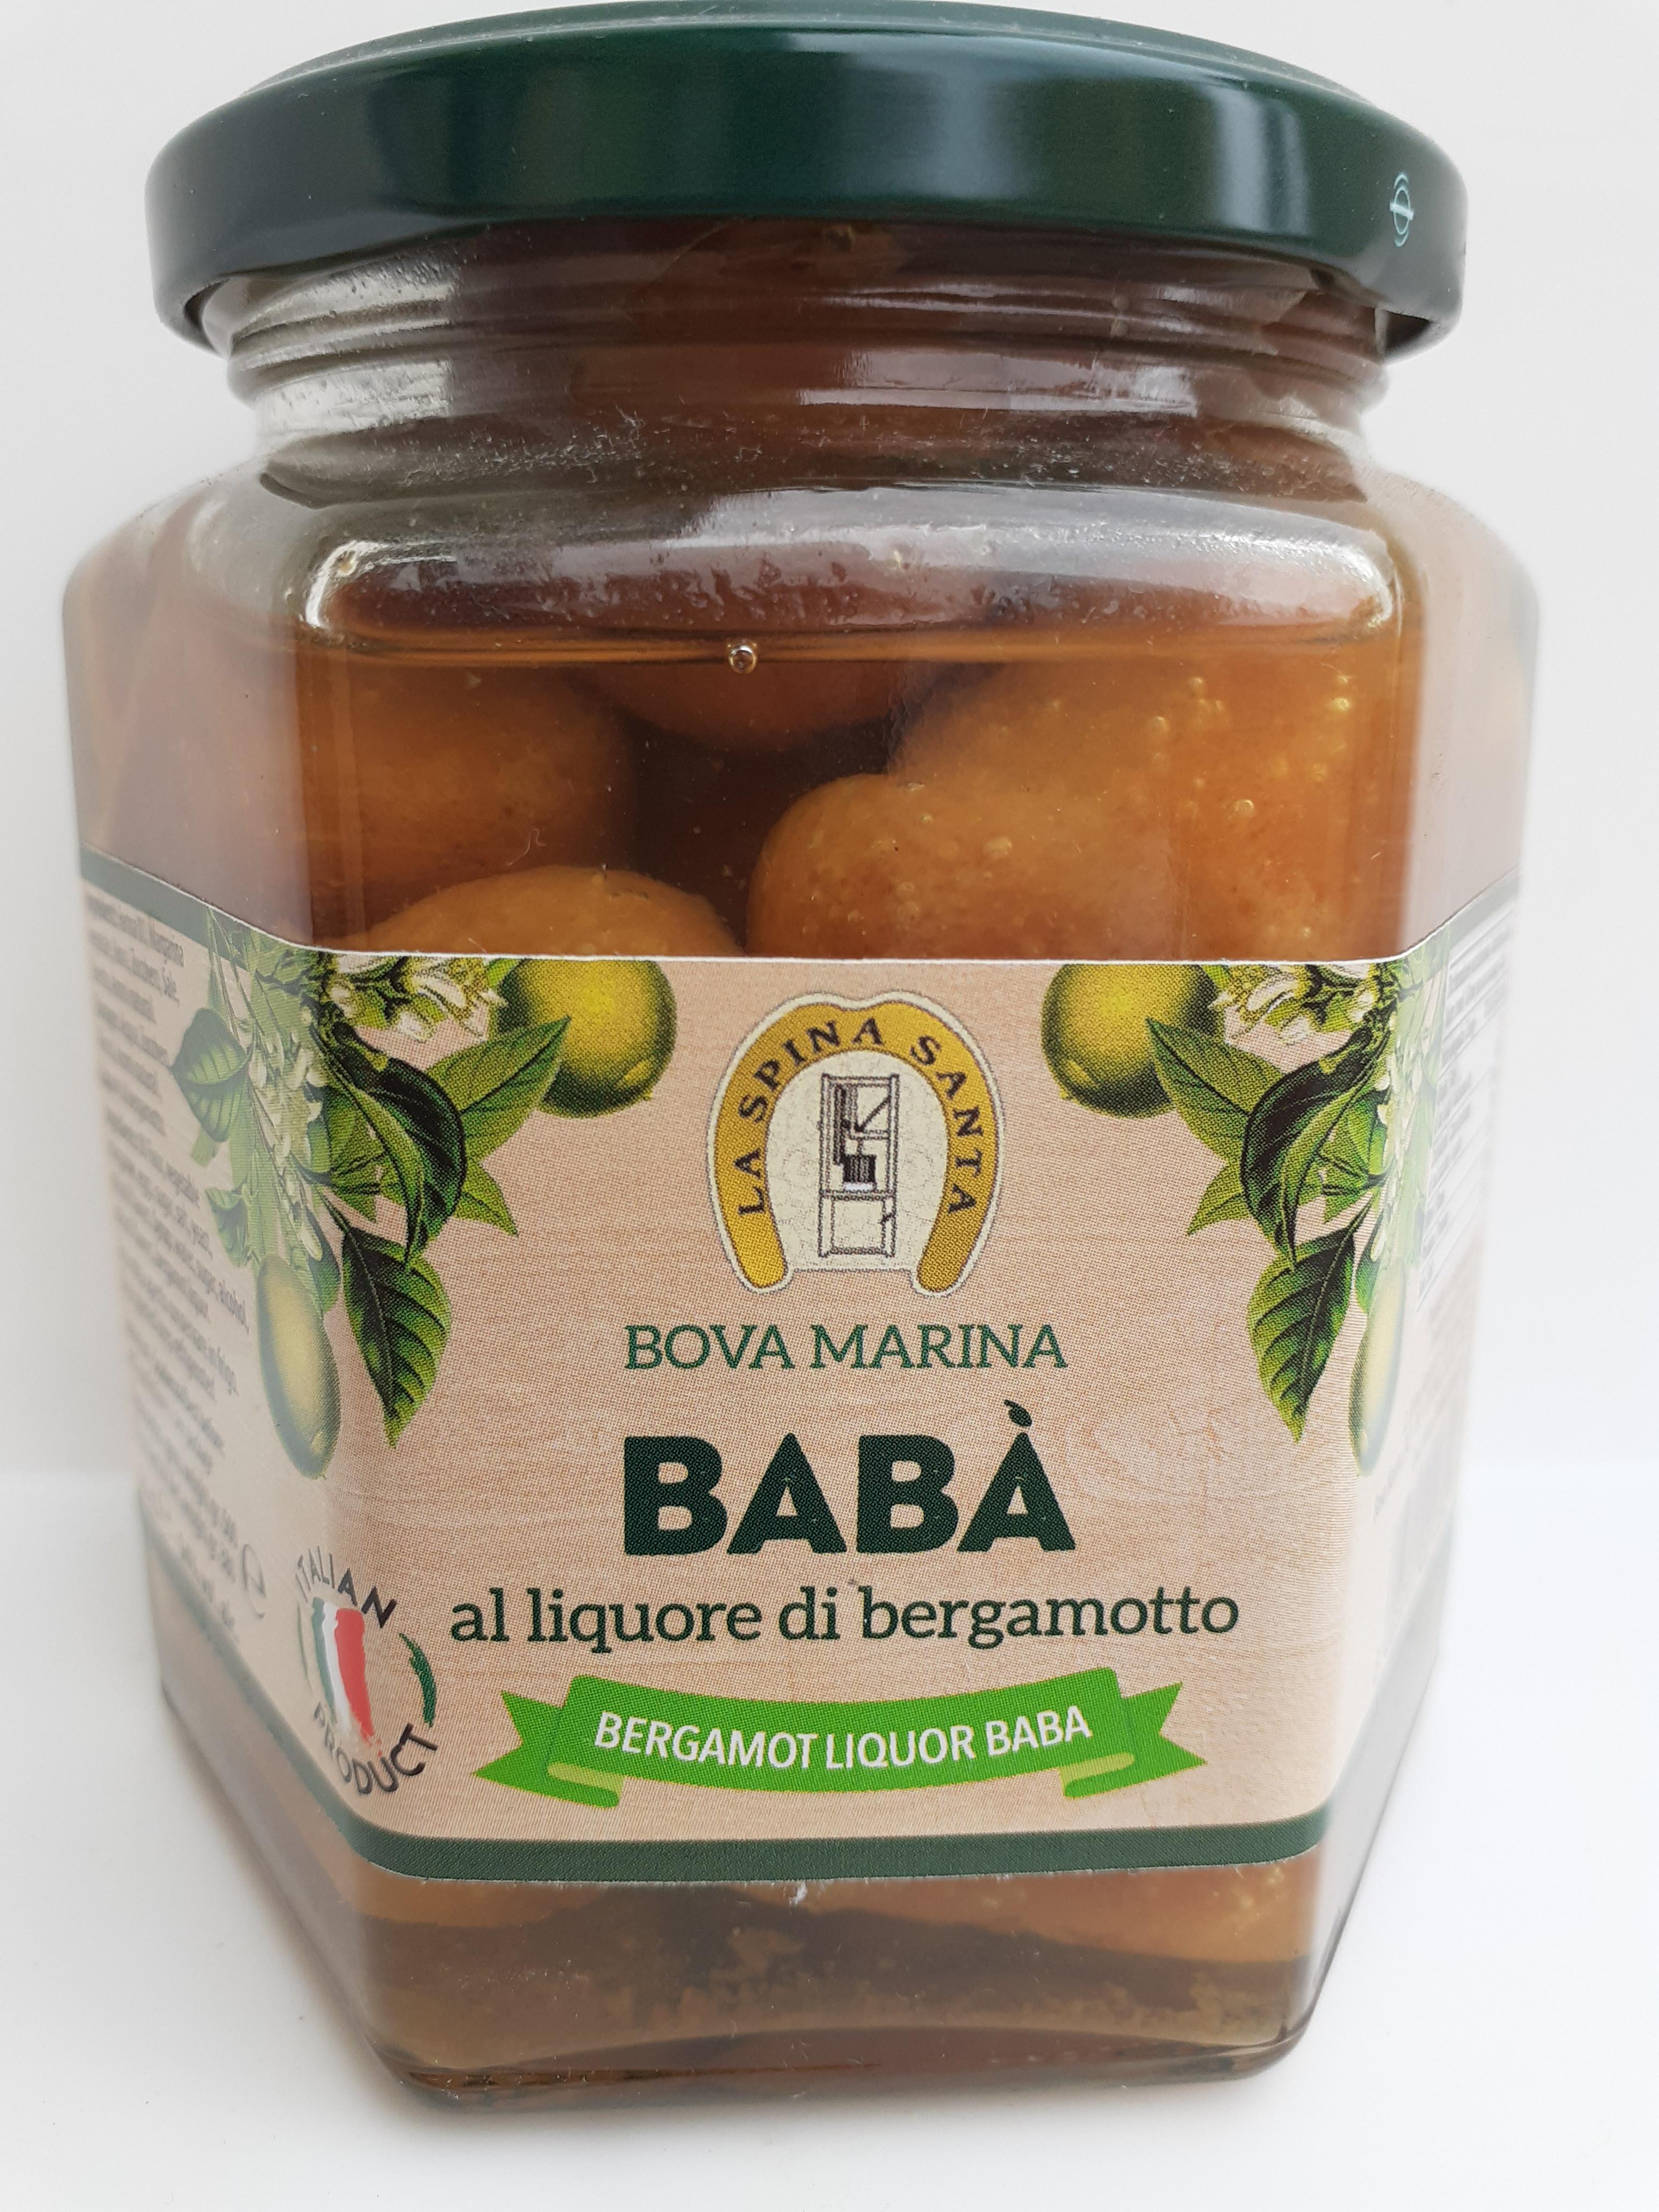 Baba' al Liquore di Bergamotto della ditta La Spina Santa di Bova Marina (RC)